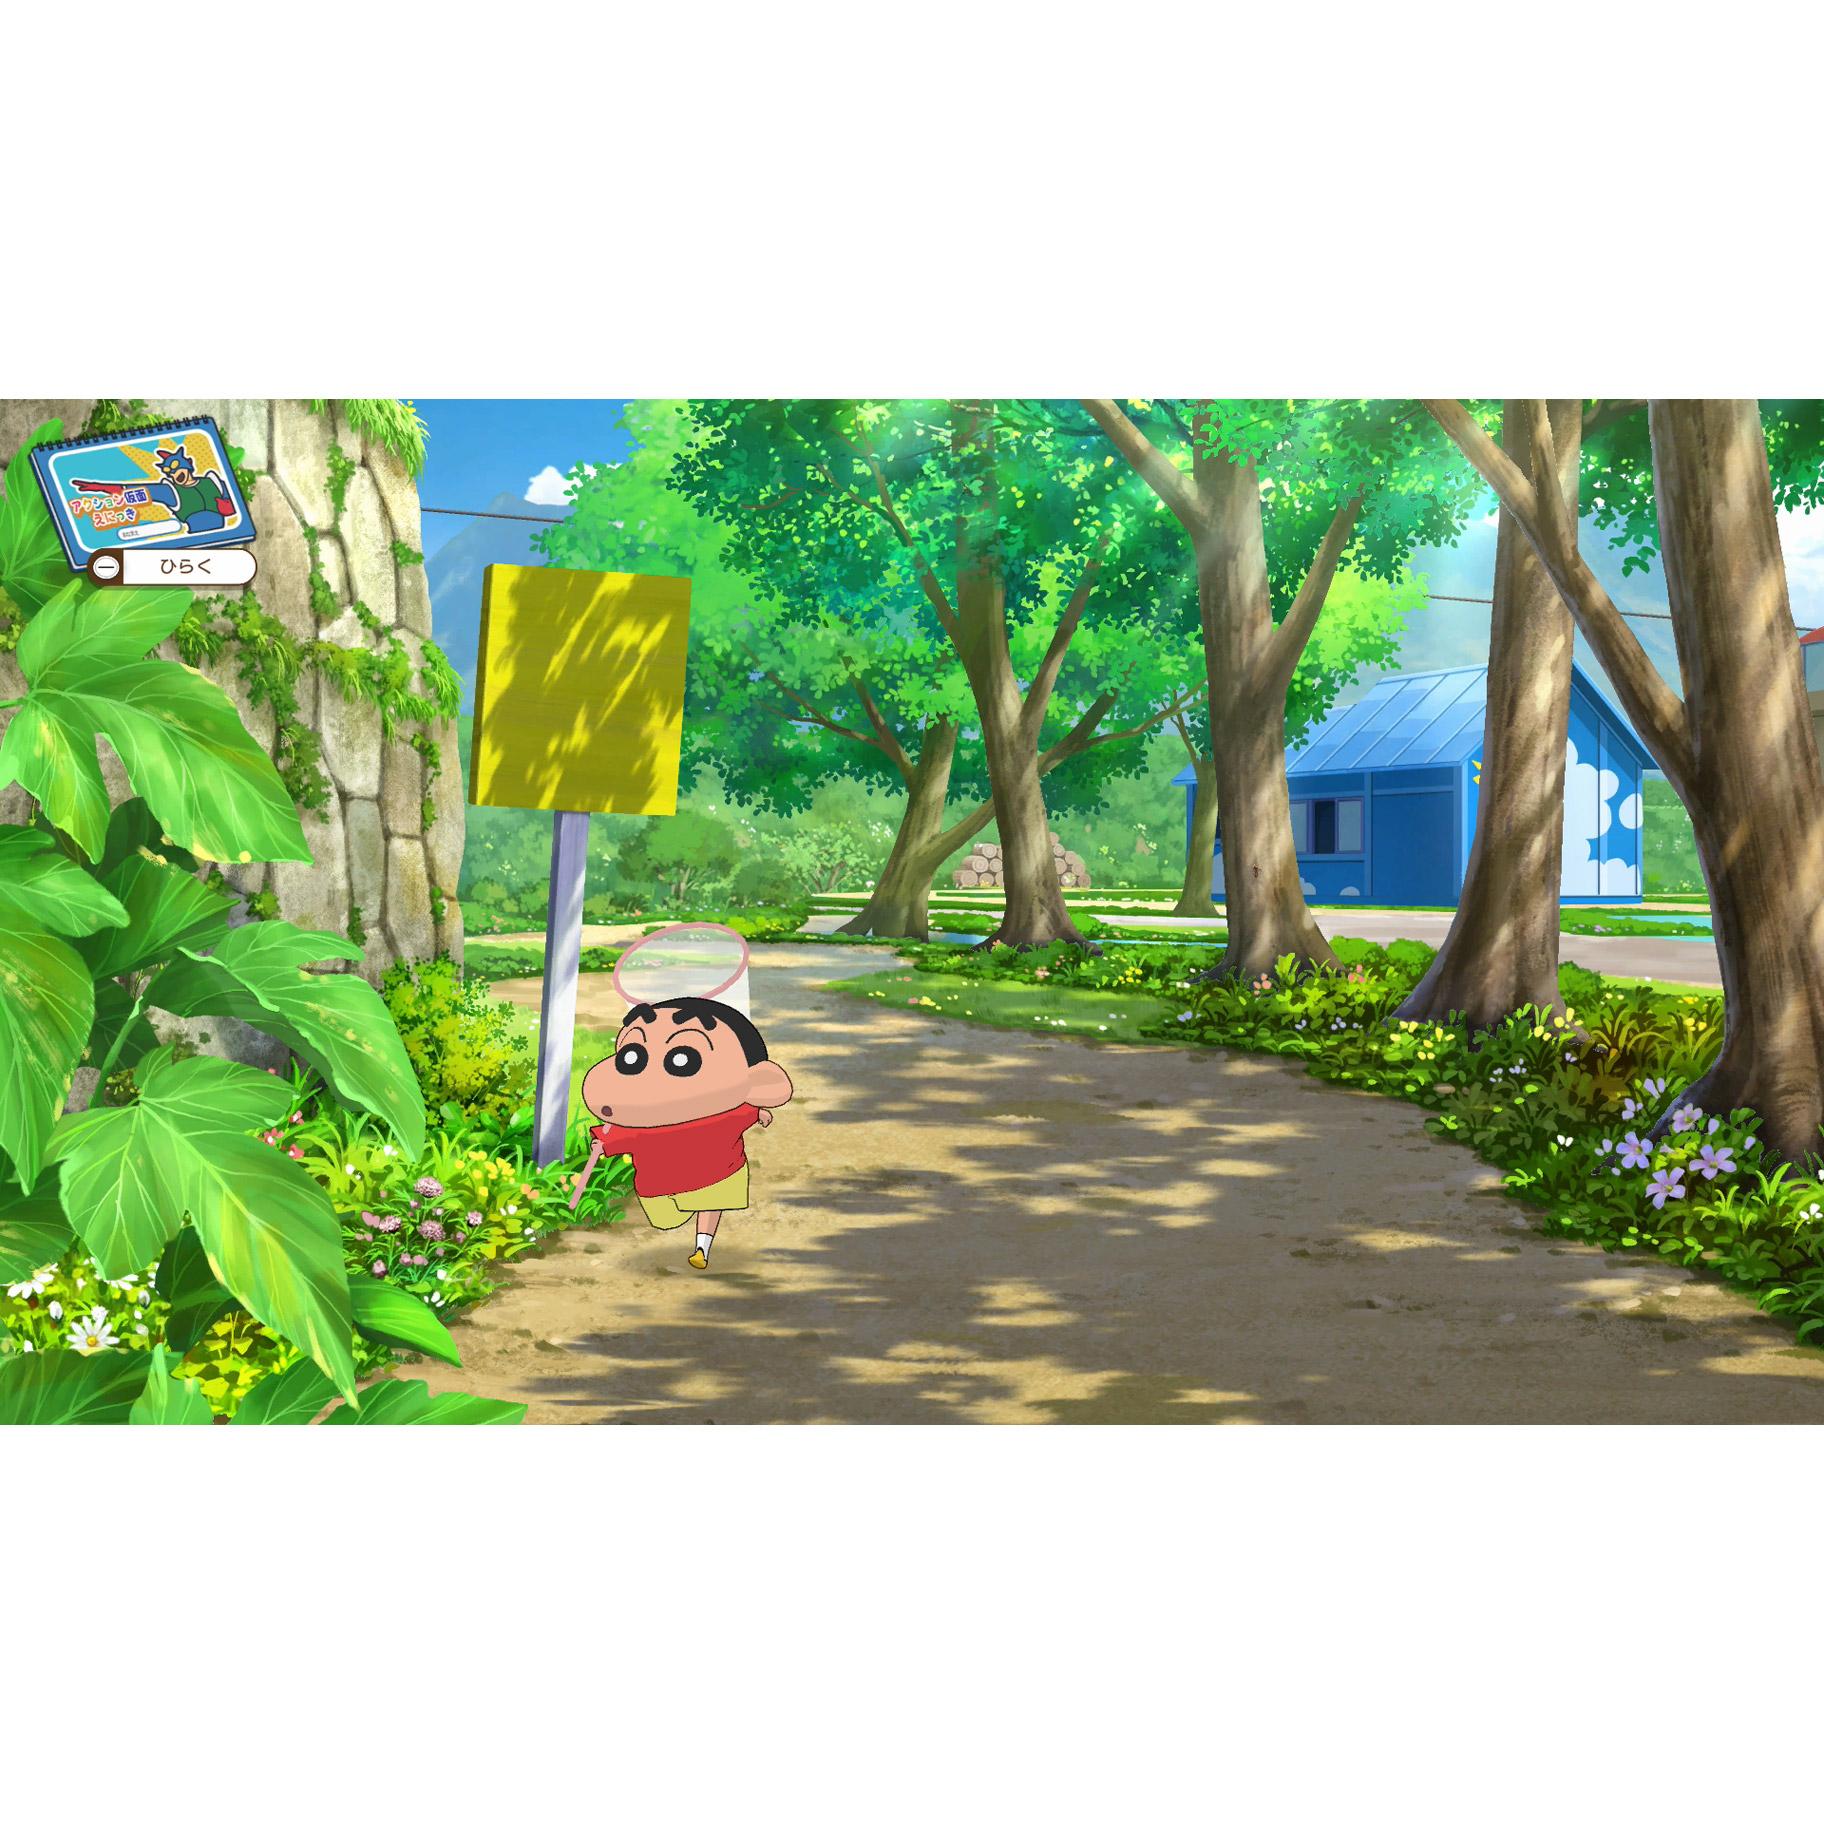 クレヨンしんちゃん『オラと博士の夏休み』〜おわらない七日間の旅〜 通常版 【Switchゲームソフト】_8